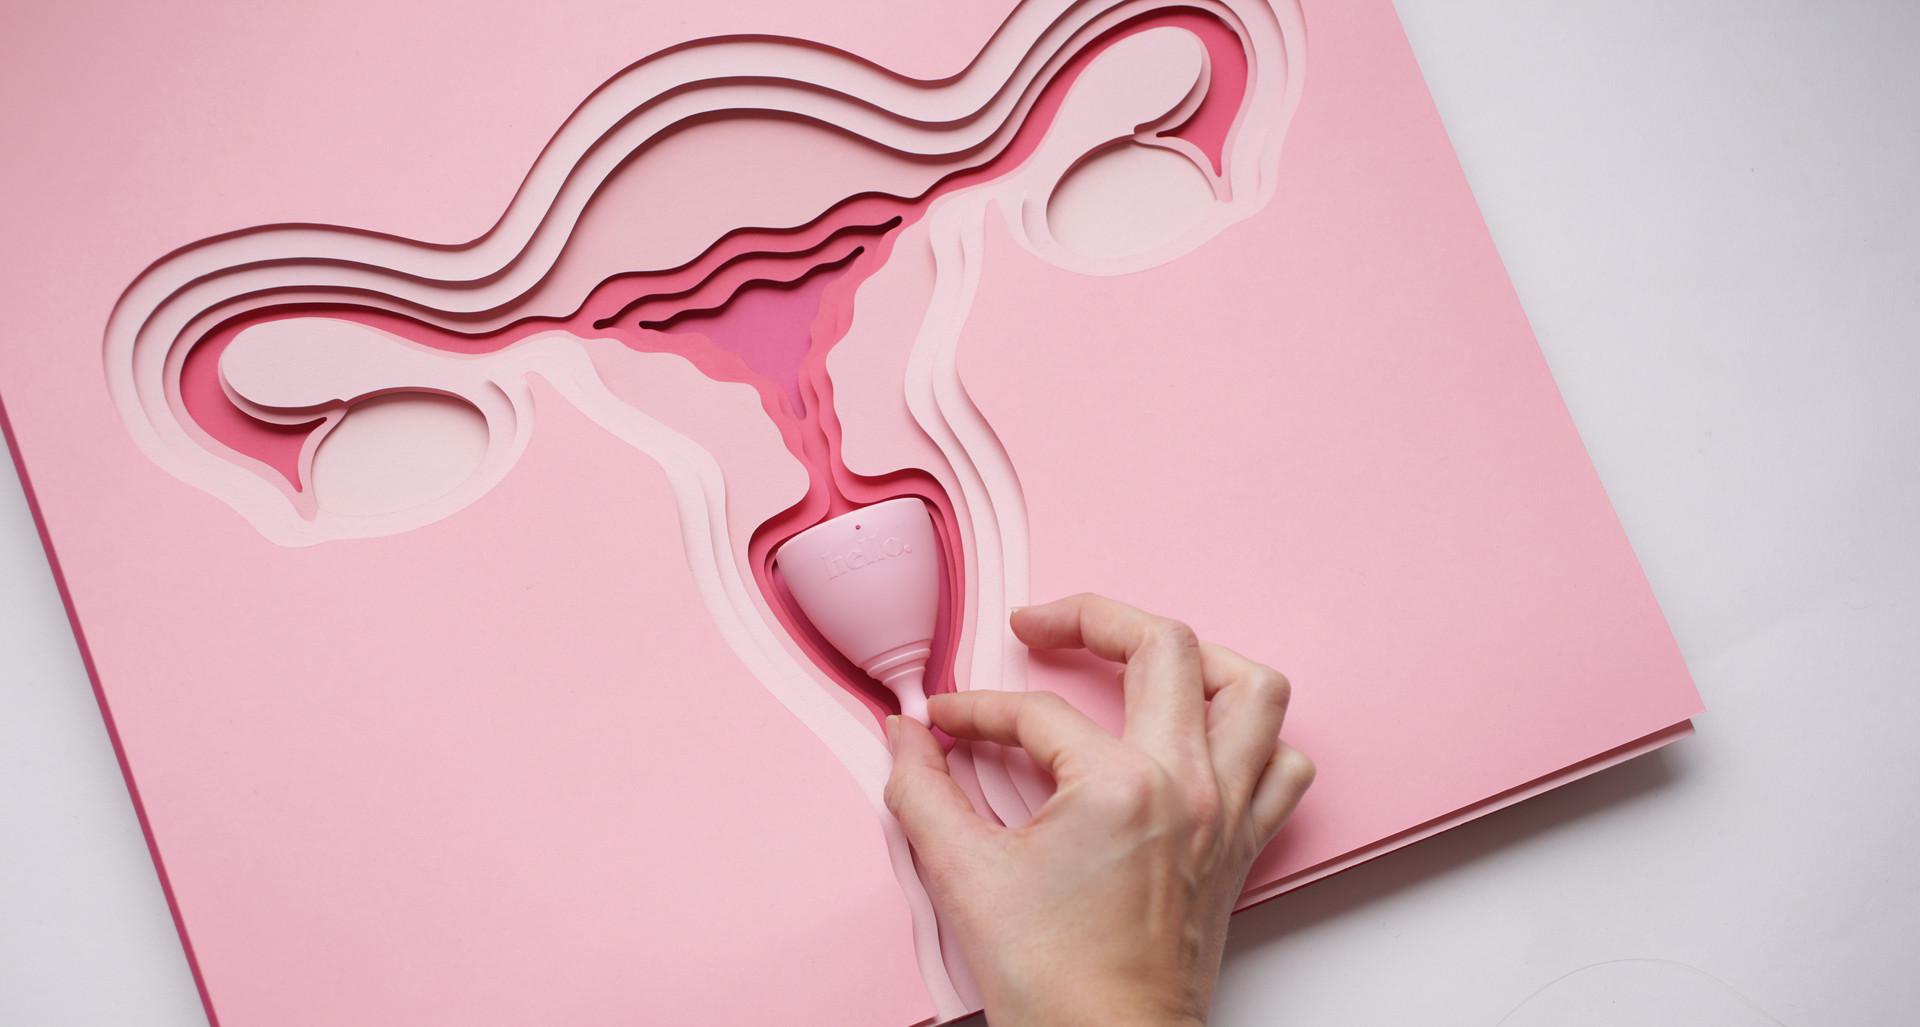 web-uterus2.jpg